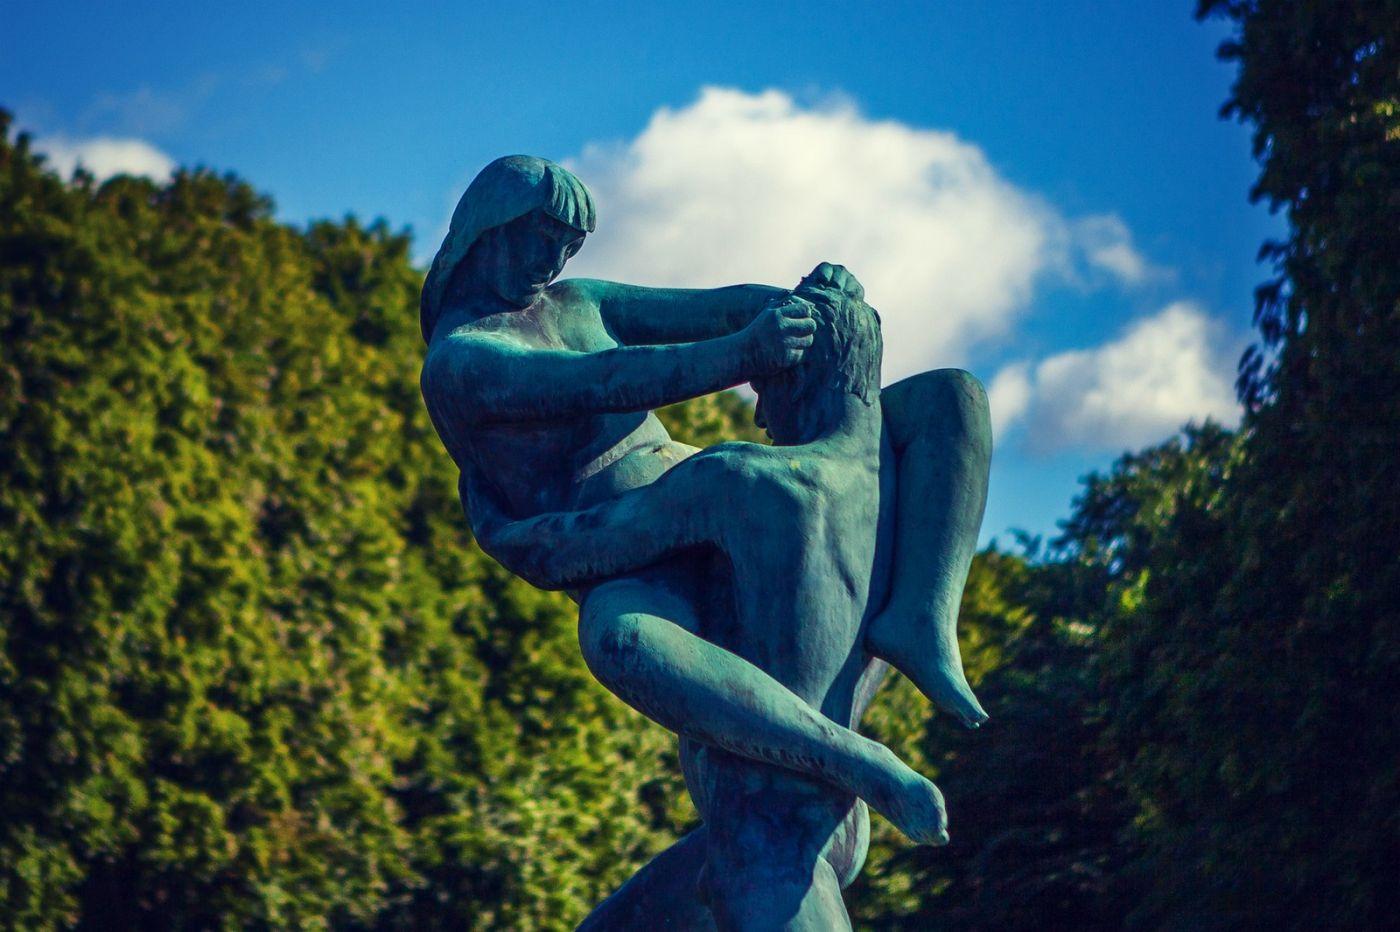 挪威维格兰雕塑公园,风格明显_图1-5